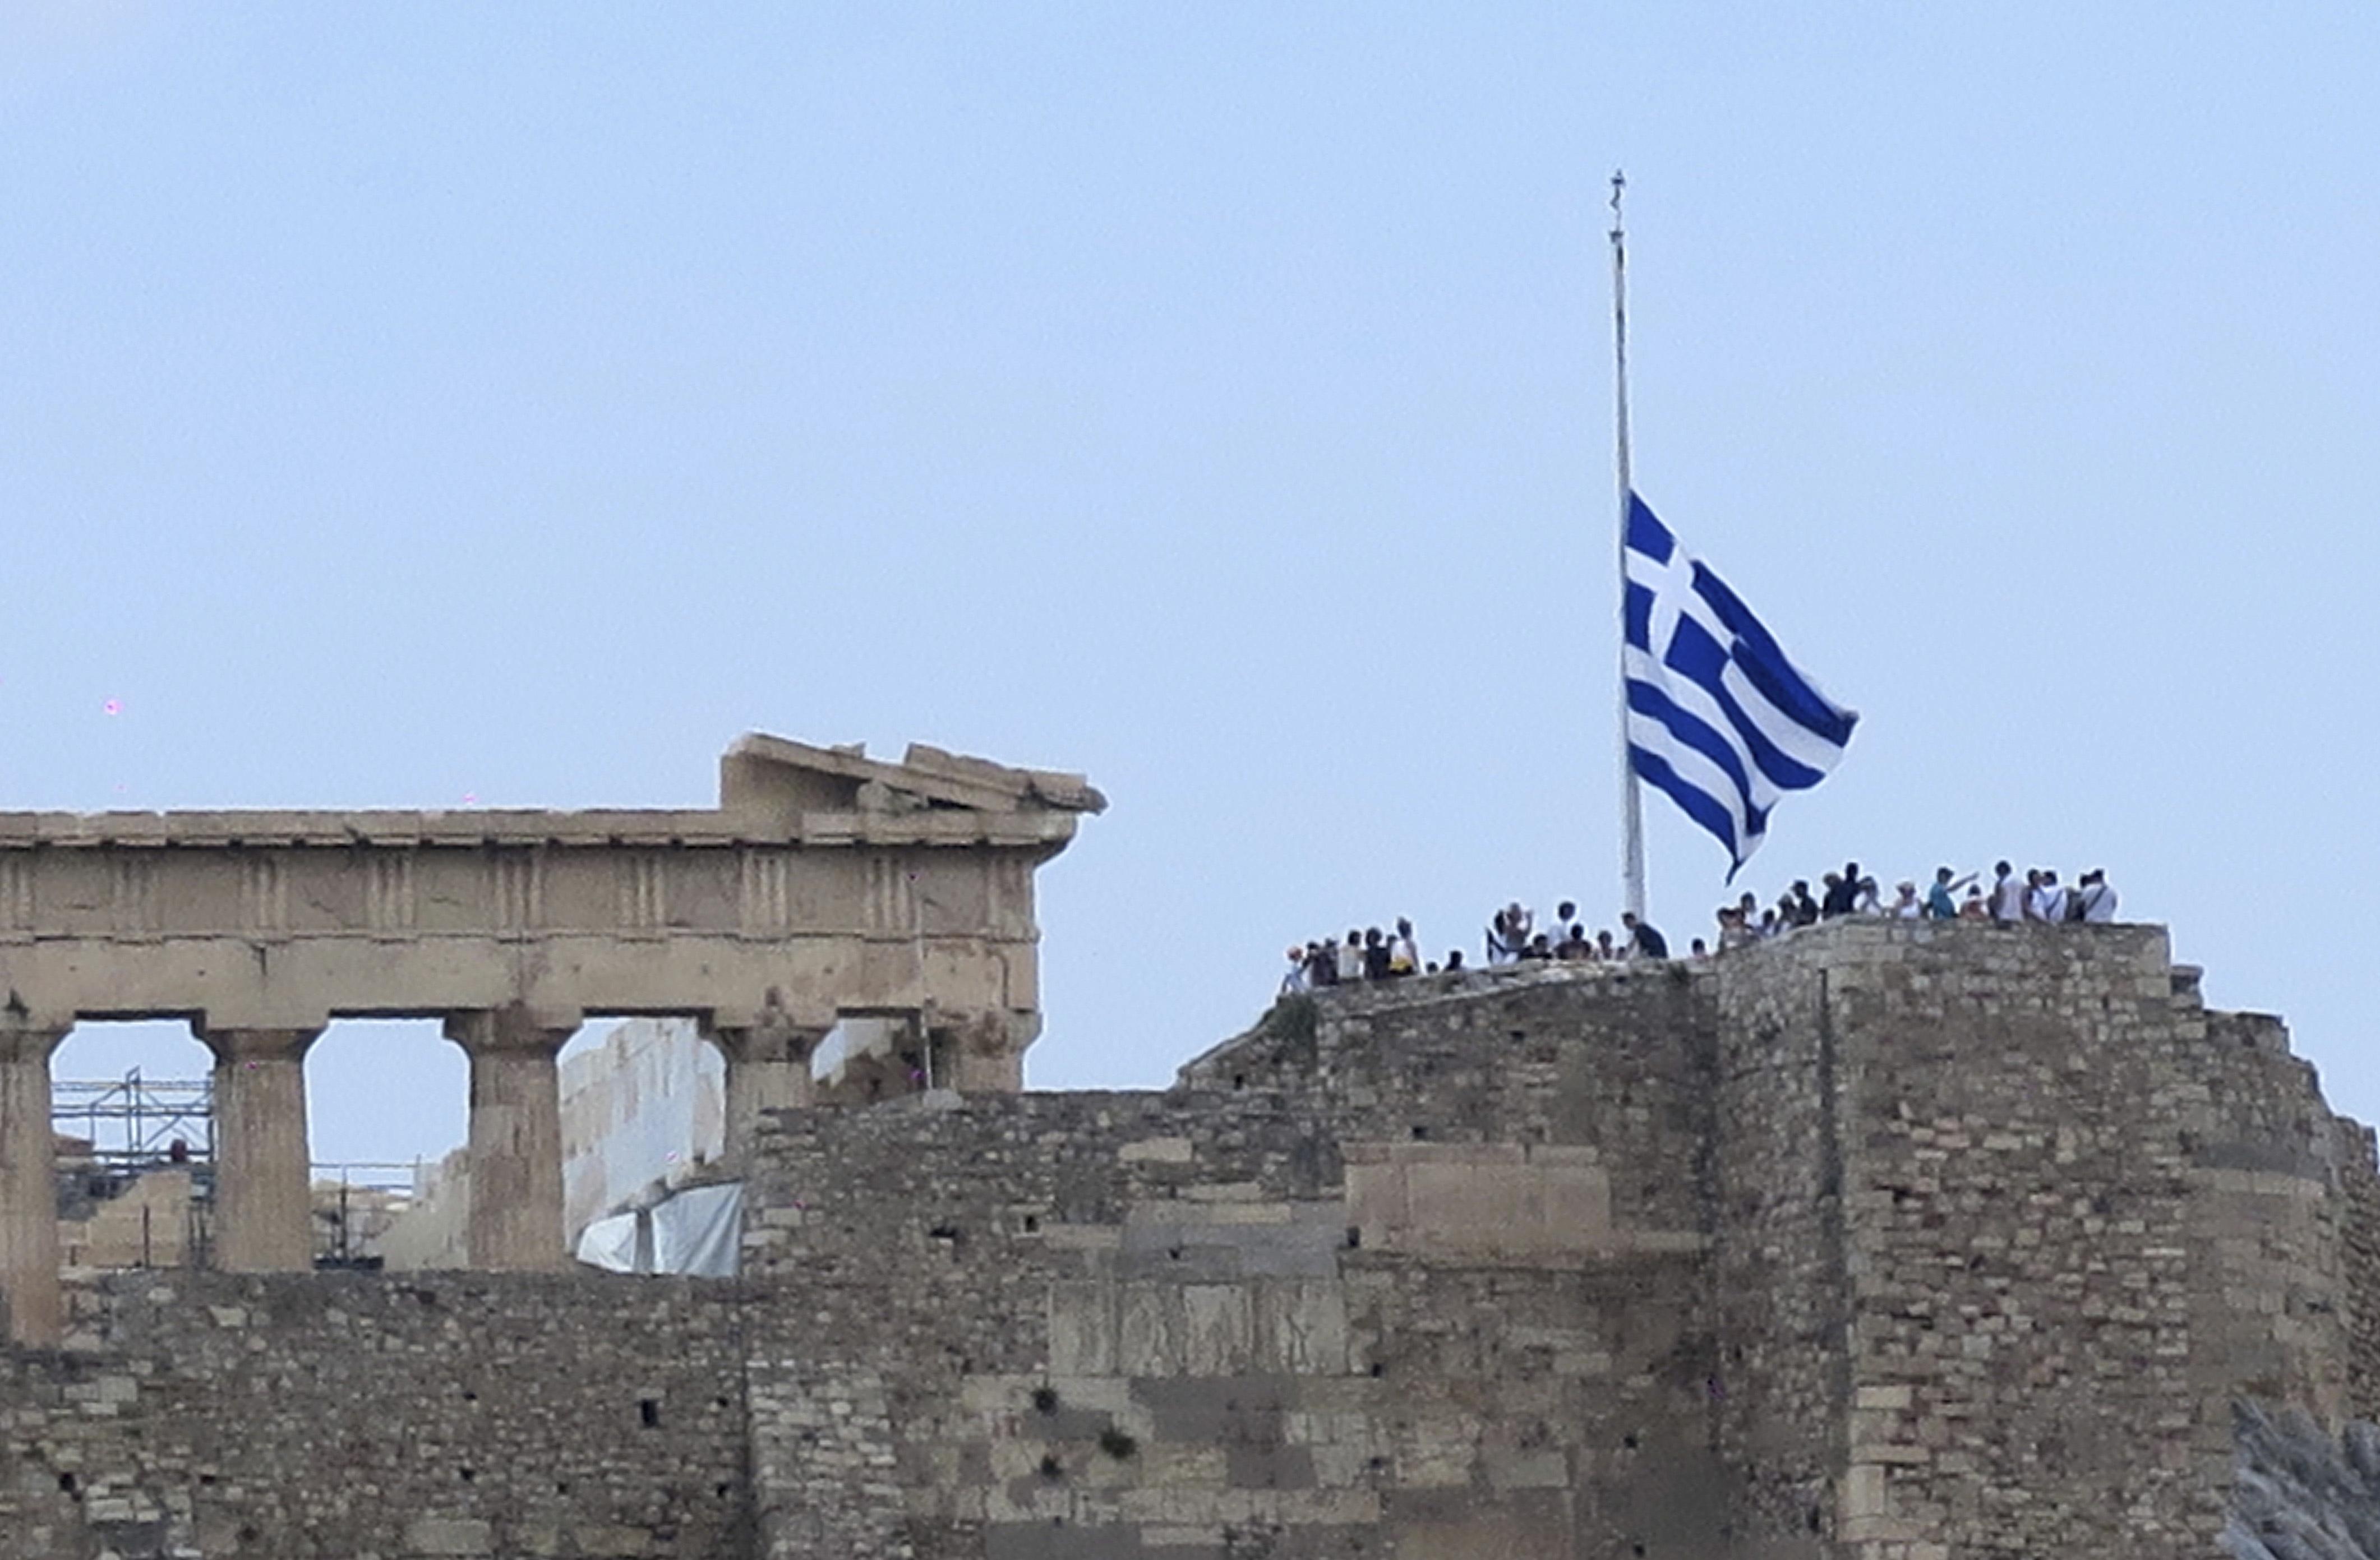 Acropolis flag